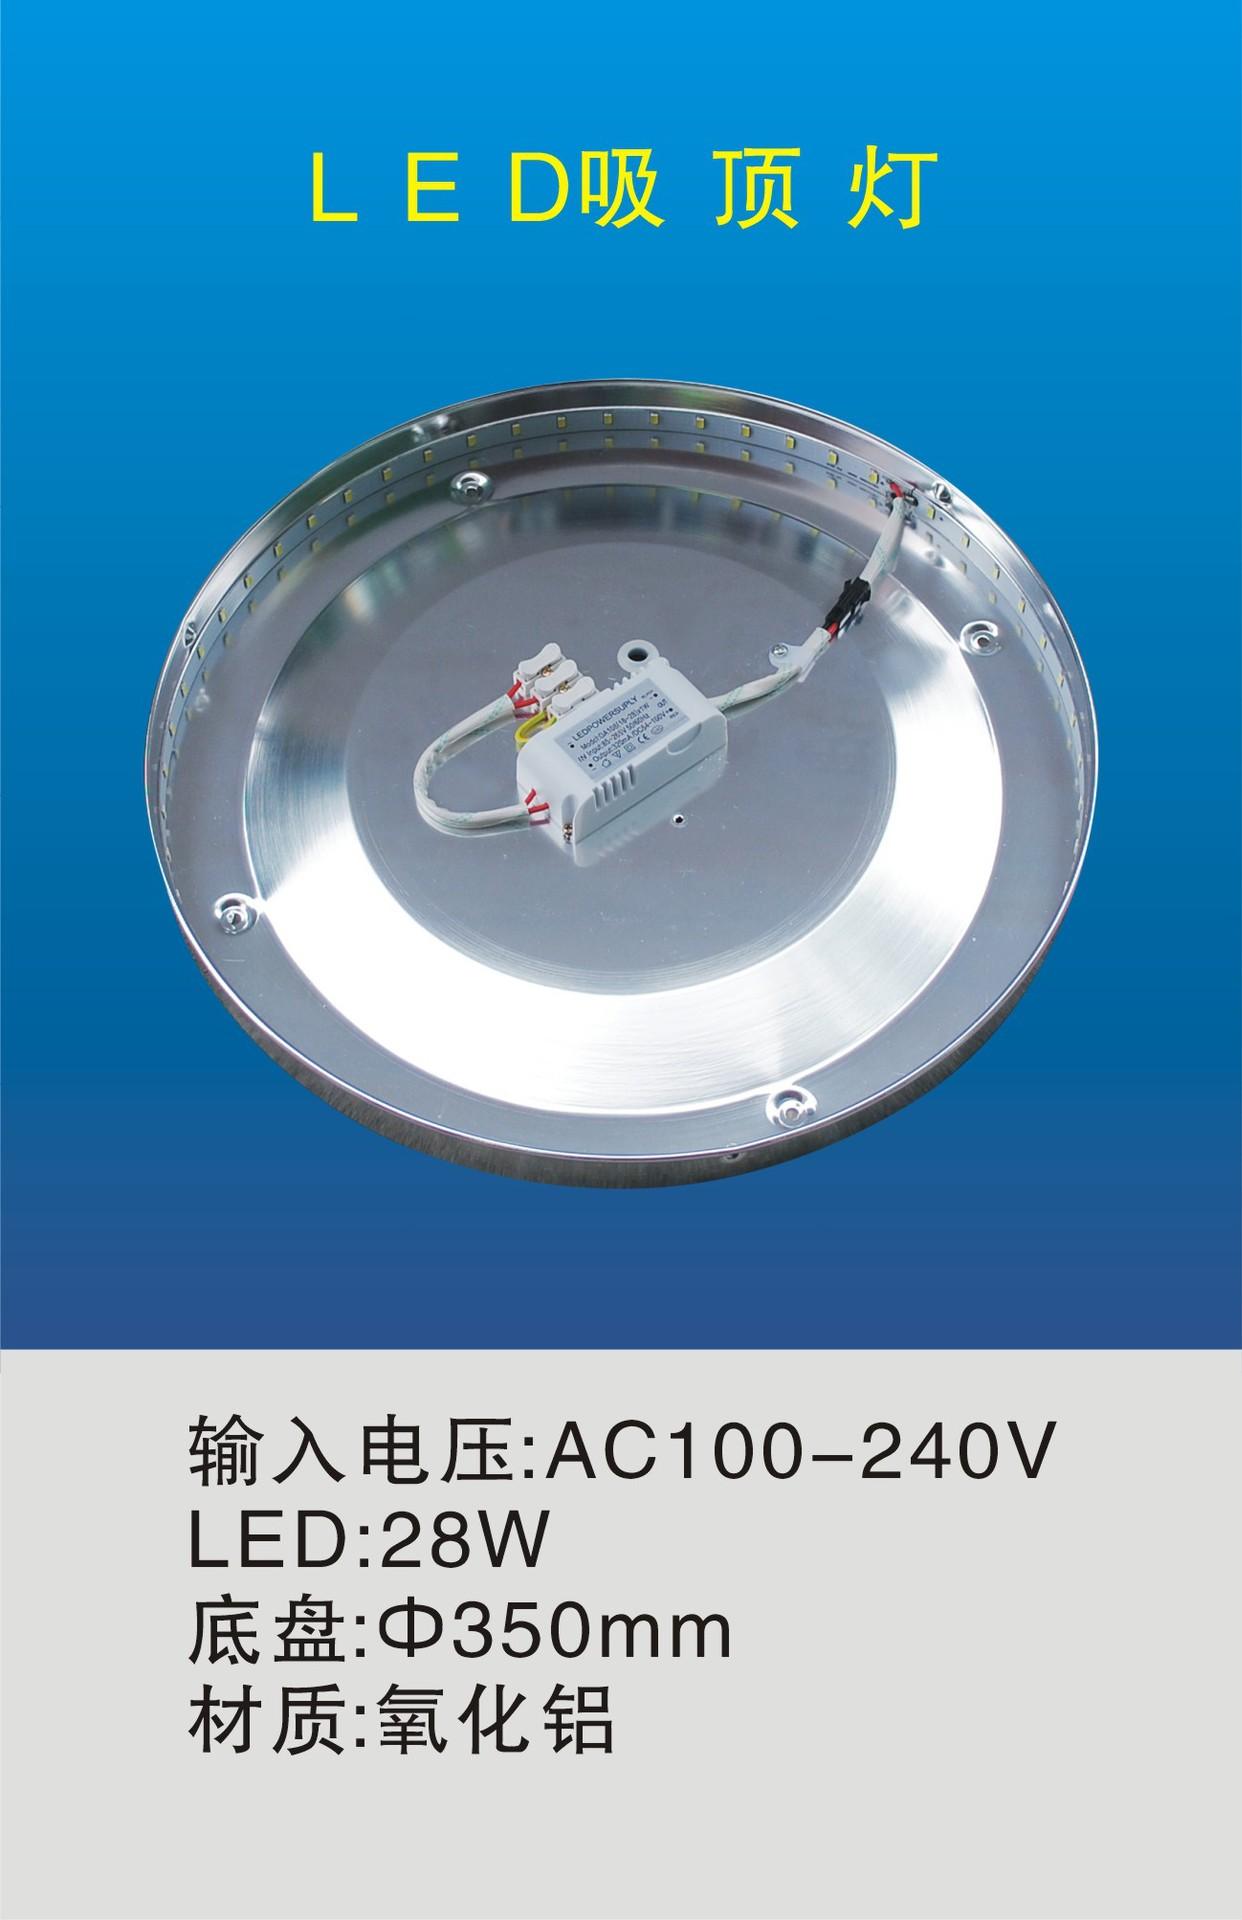 热销亚克力LED吸顶灯 高节环保LED吸顶灯 批发面包灯LED